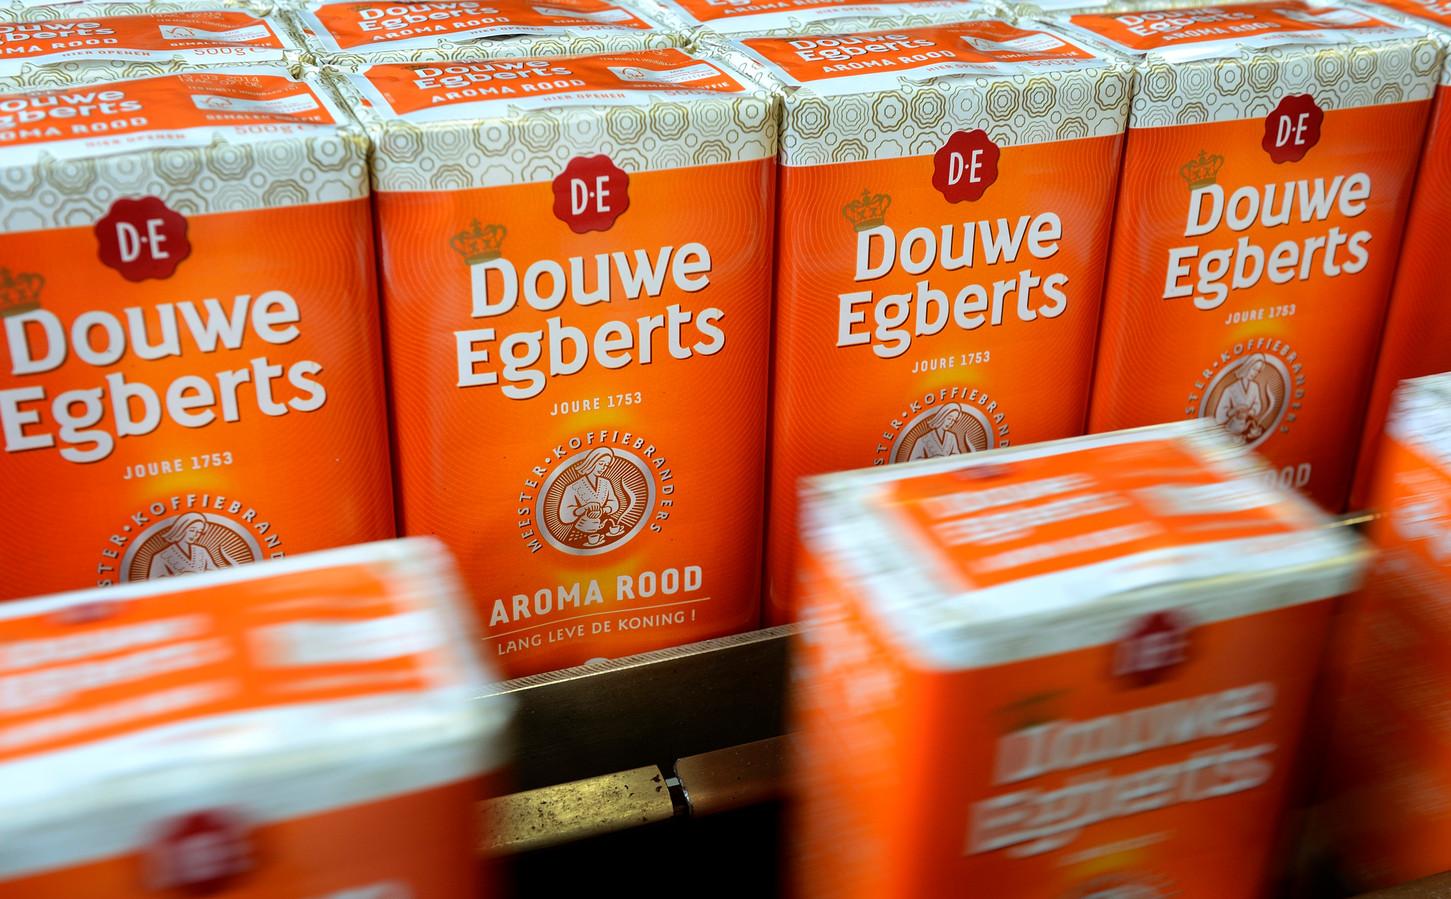 Koffiepakken van Douwe Egberts rollen van de band in de fabriek. De verpakking van Aroma Rood heeft ter gelegenheid van de troonswisseling een oranje kleur gekregen.